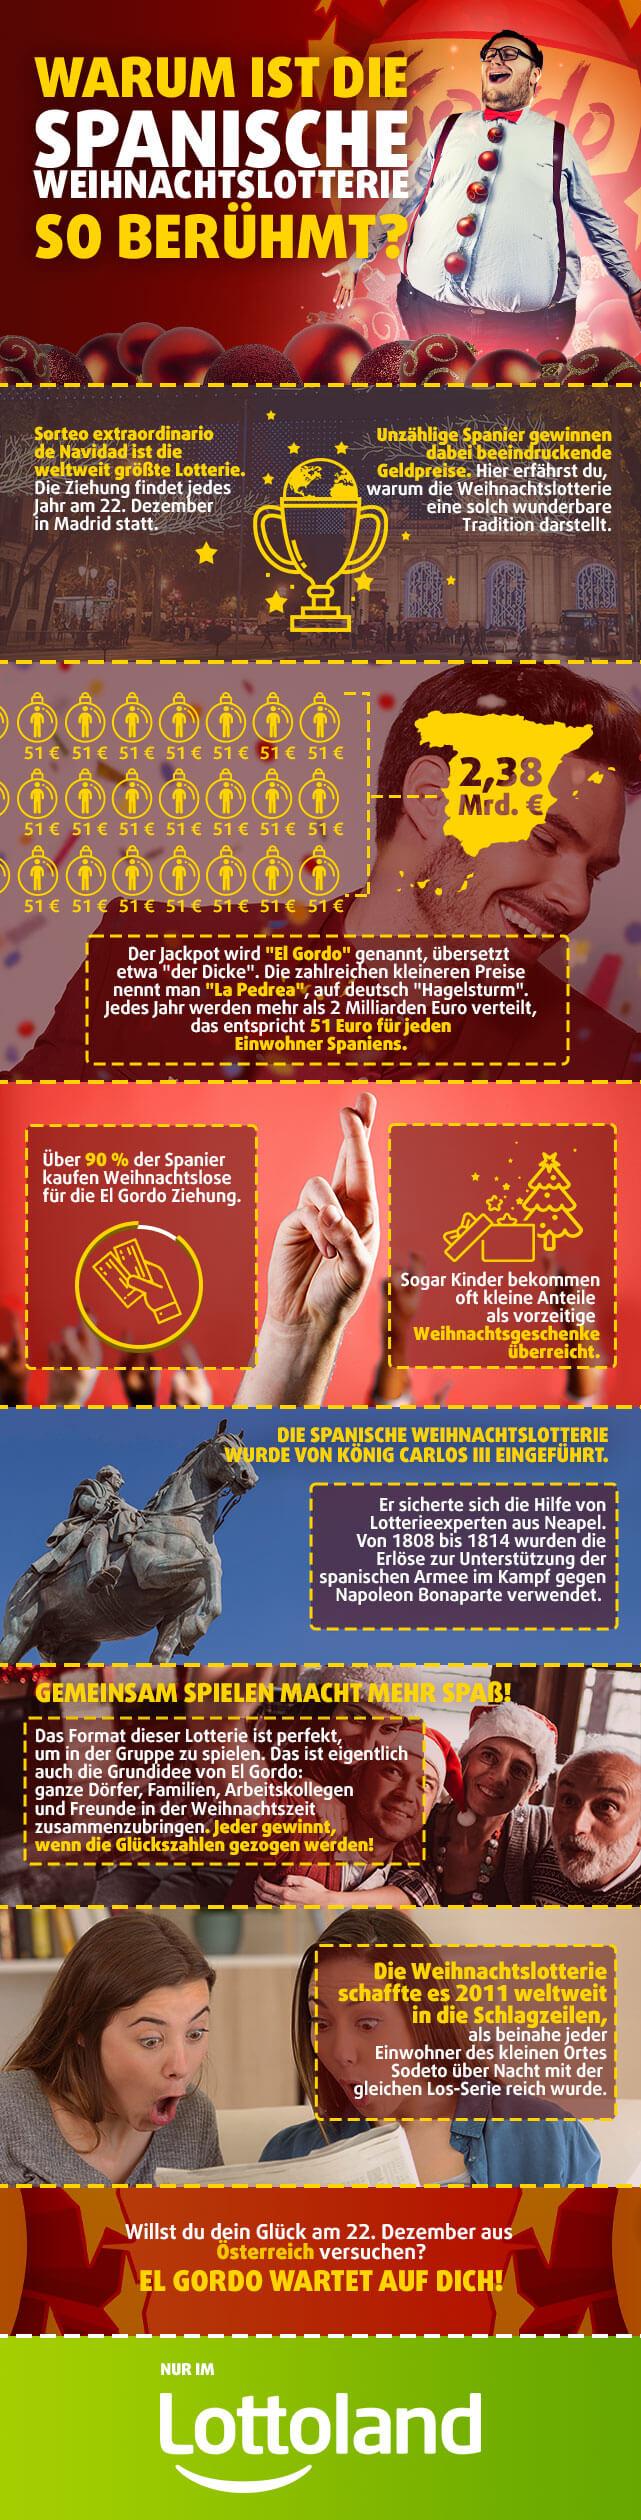 Die spanische Weihnachtslotterie - Zahlen und Fakten